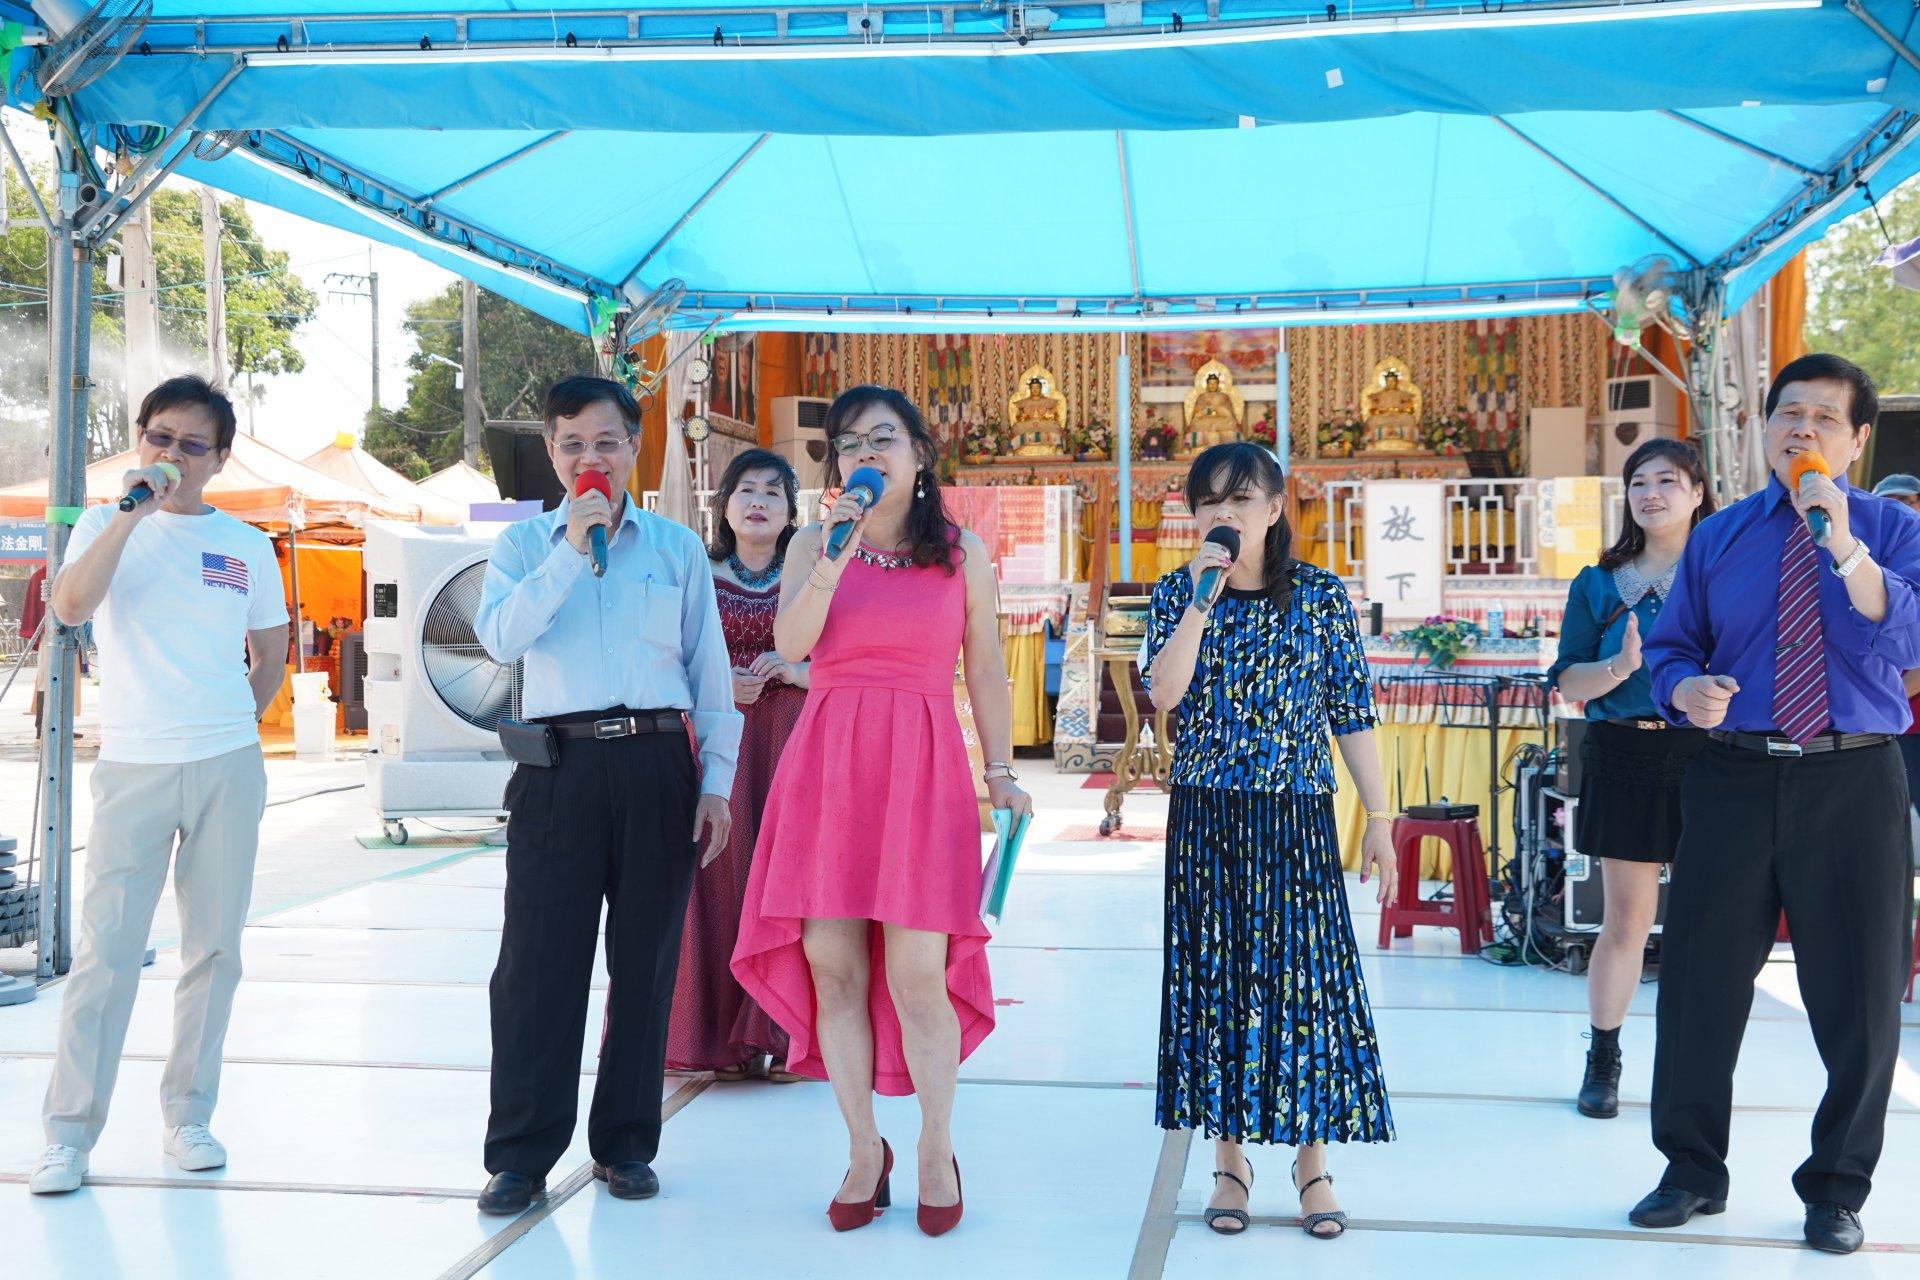 行動佛殿 樂藝供佛 太陽舞蹈運動空間